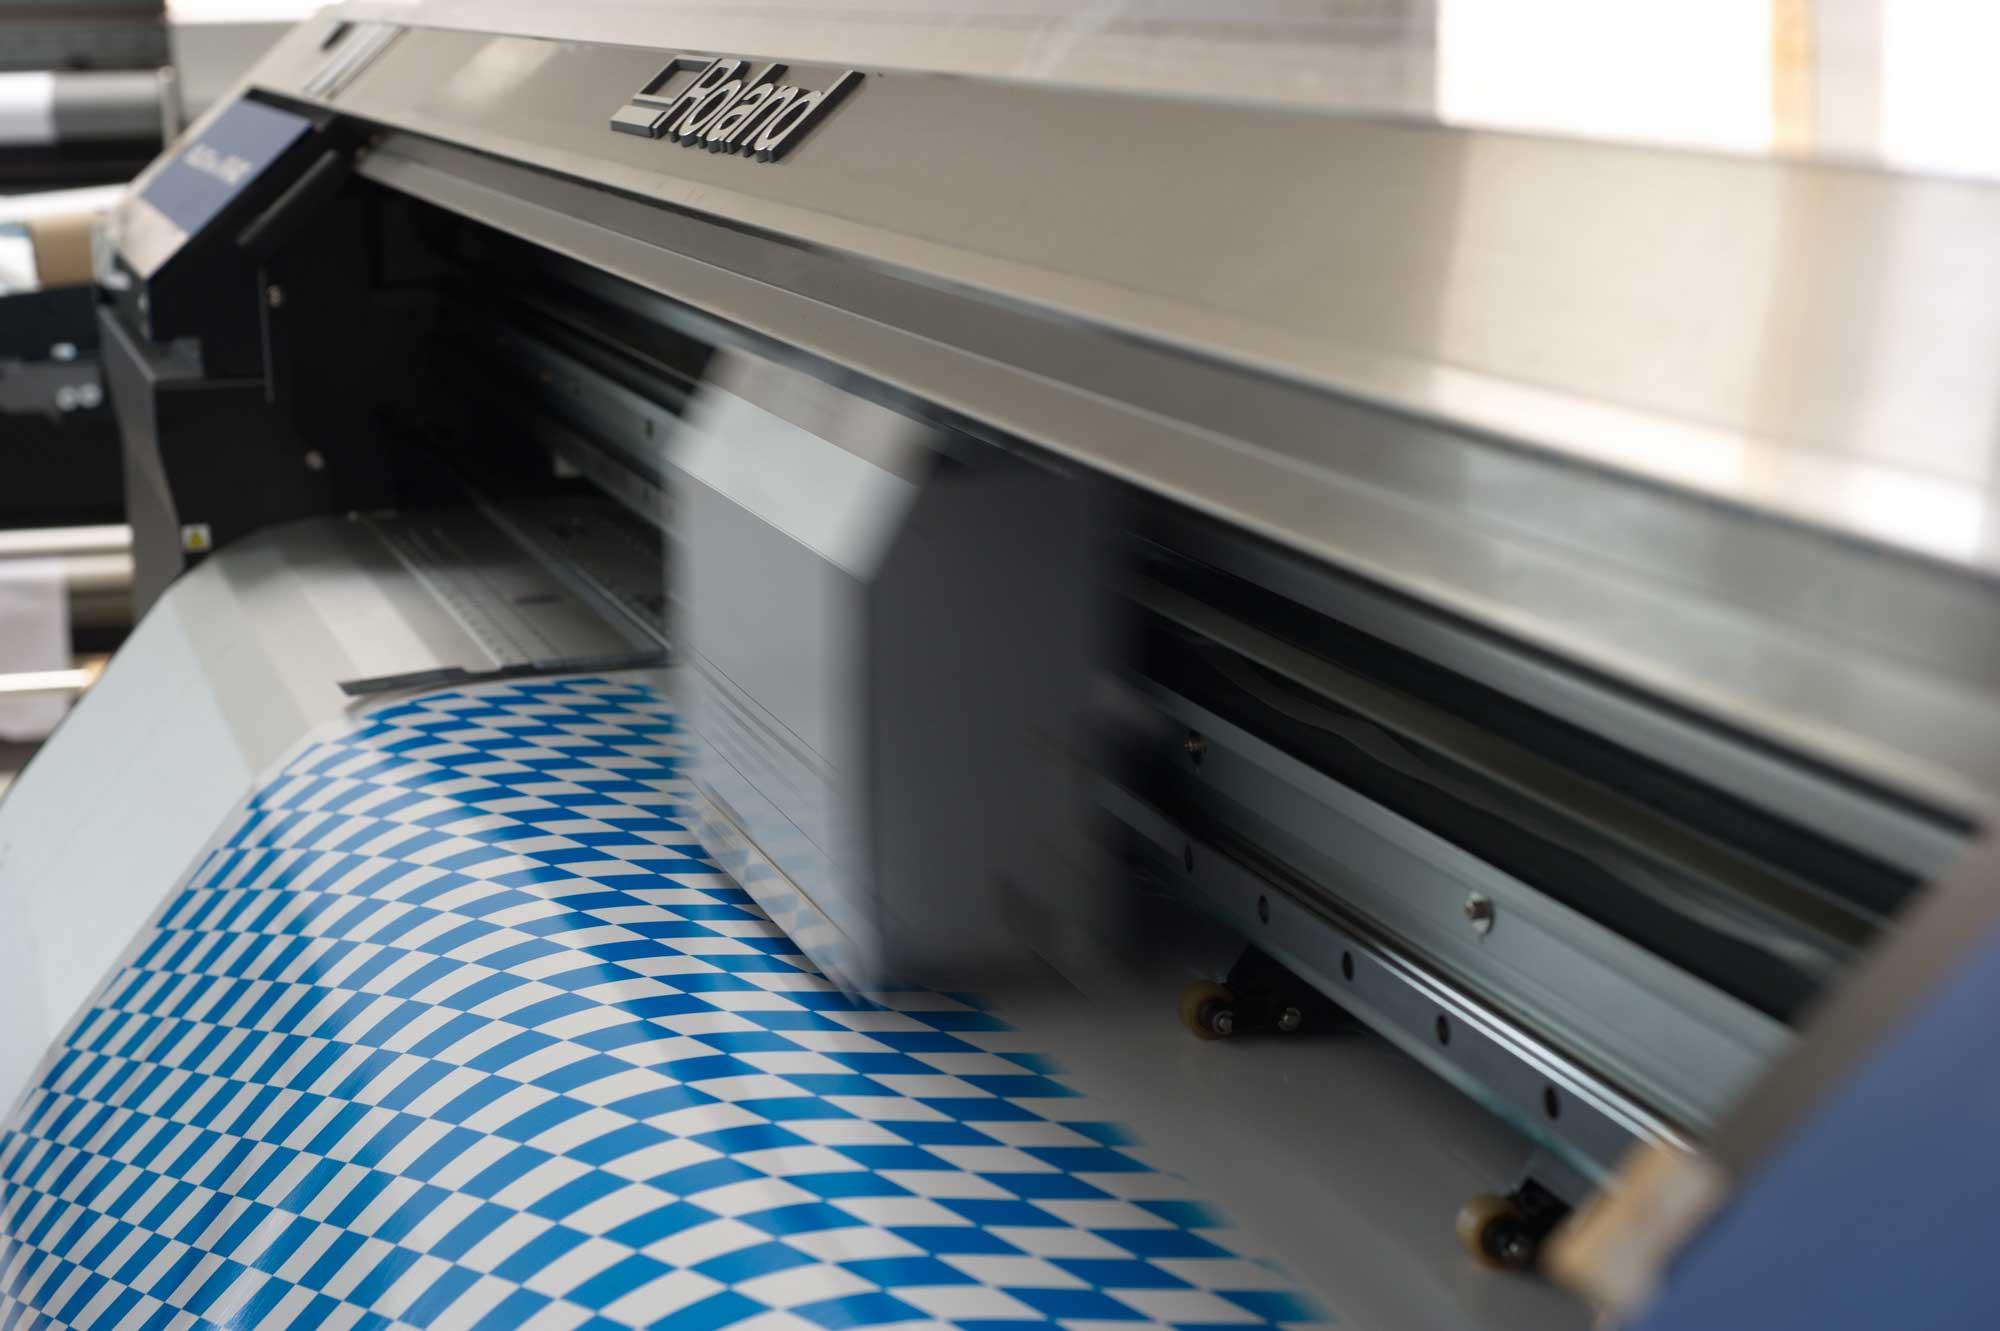 Foliendruck an der Roland Soljet Pro XR-640 © Atelier Haase - Foto: Katharina Hansen-Gluschitz